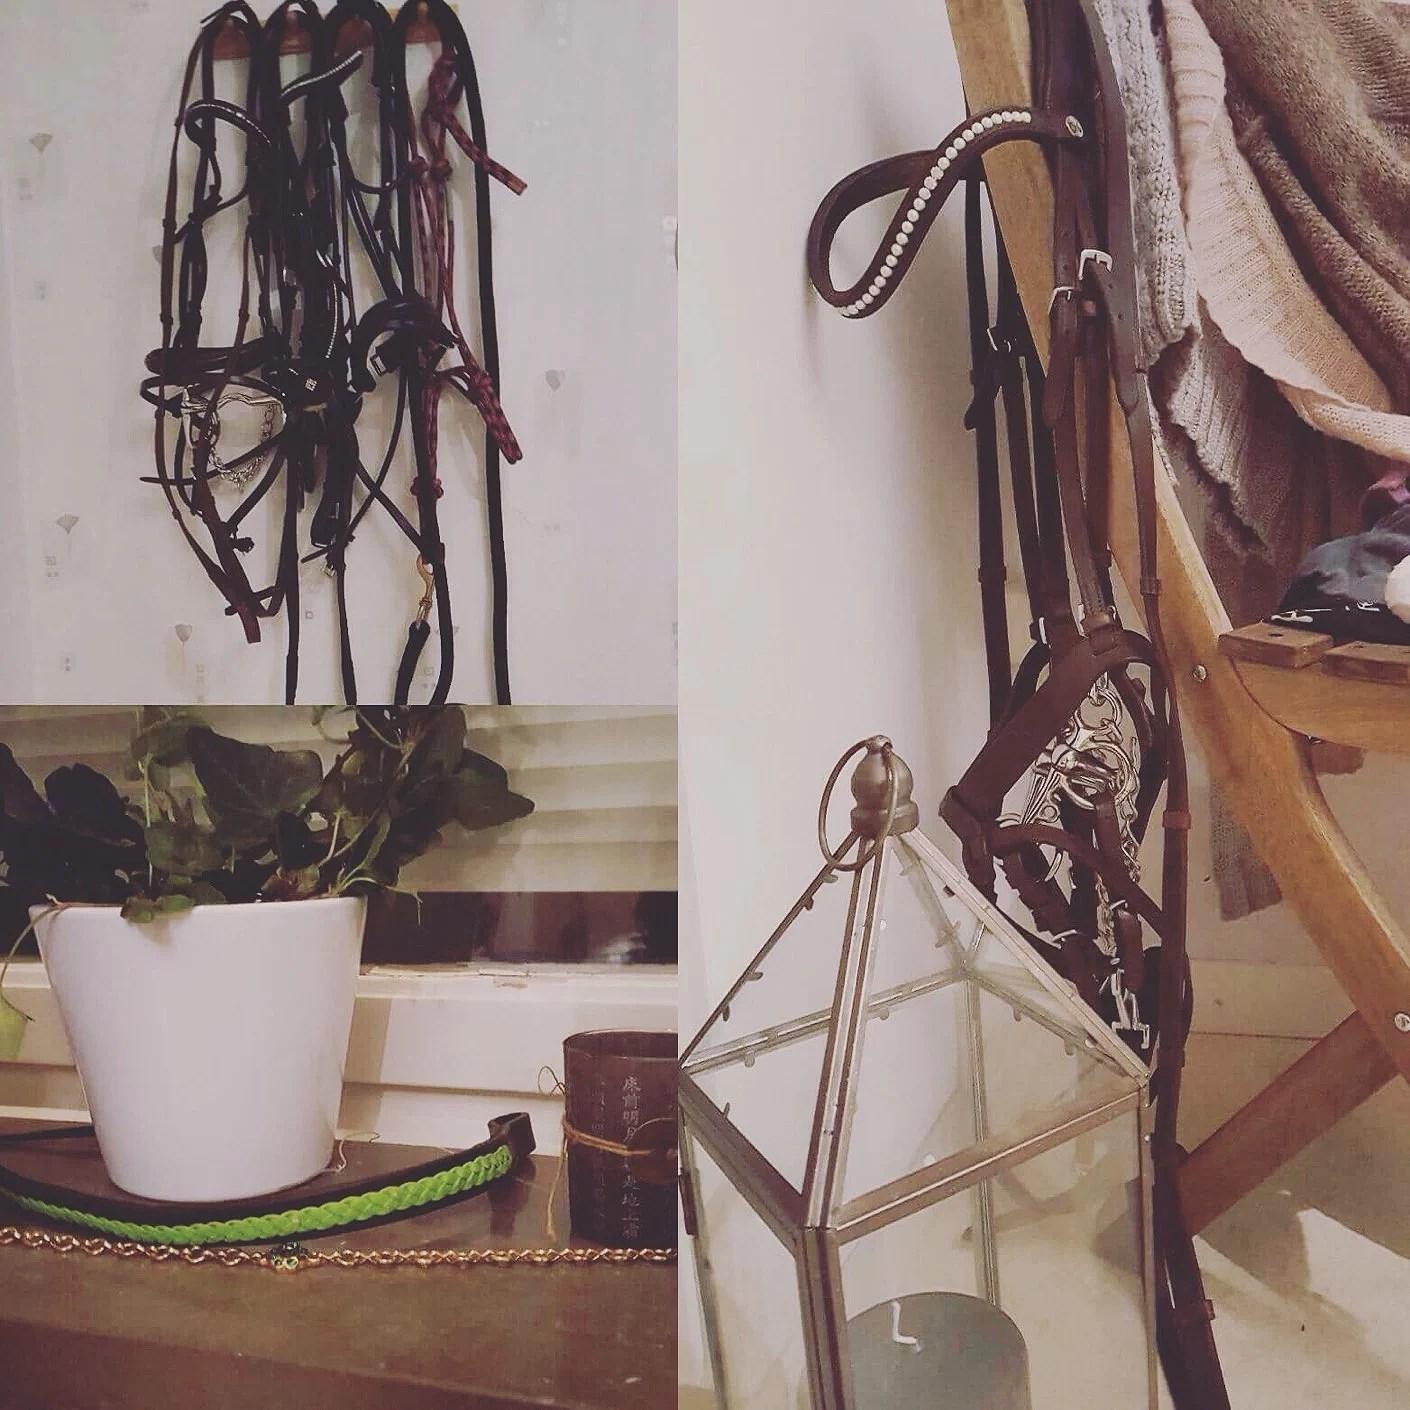 Mitt sovrum som sadelkammare? 😅